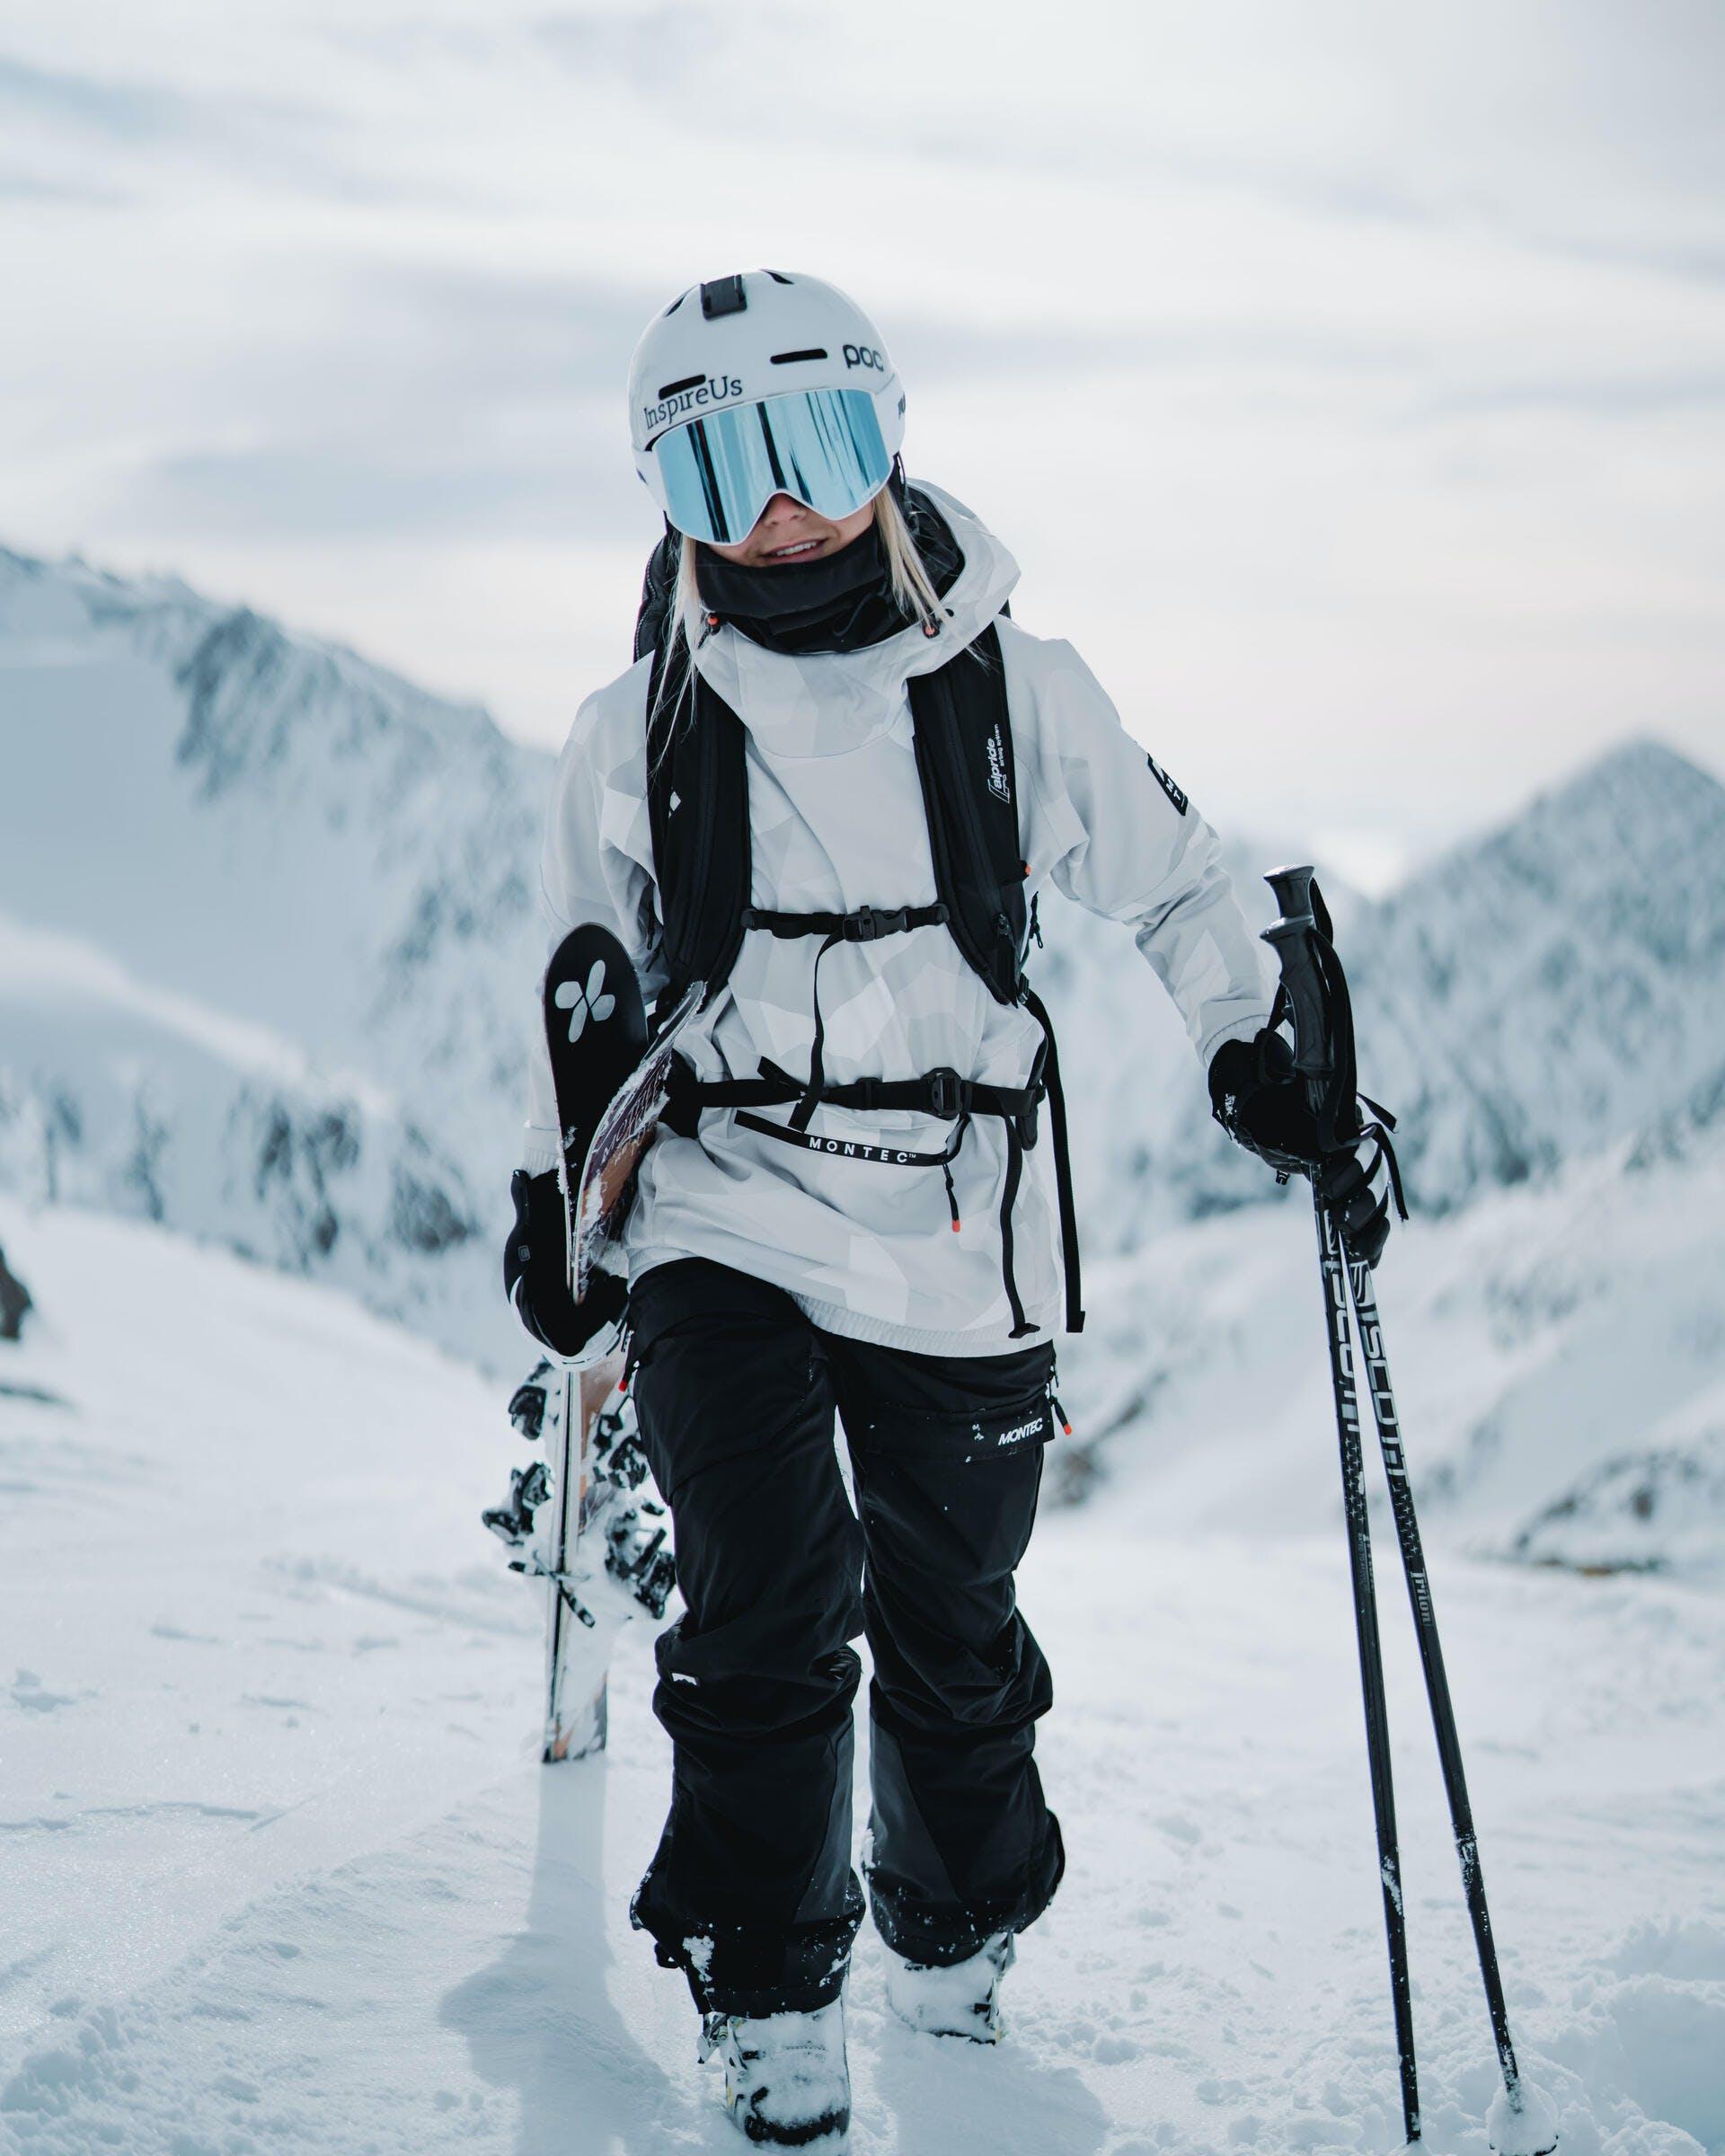 cosa serve per lo sci freeride